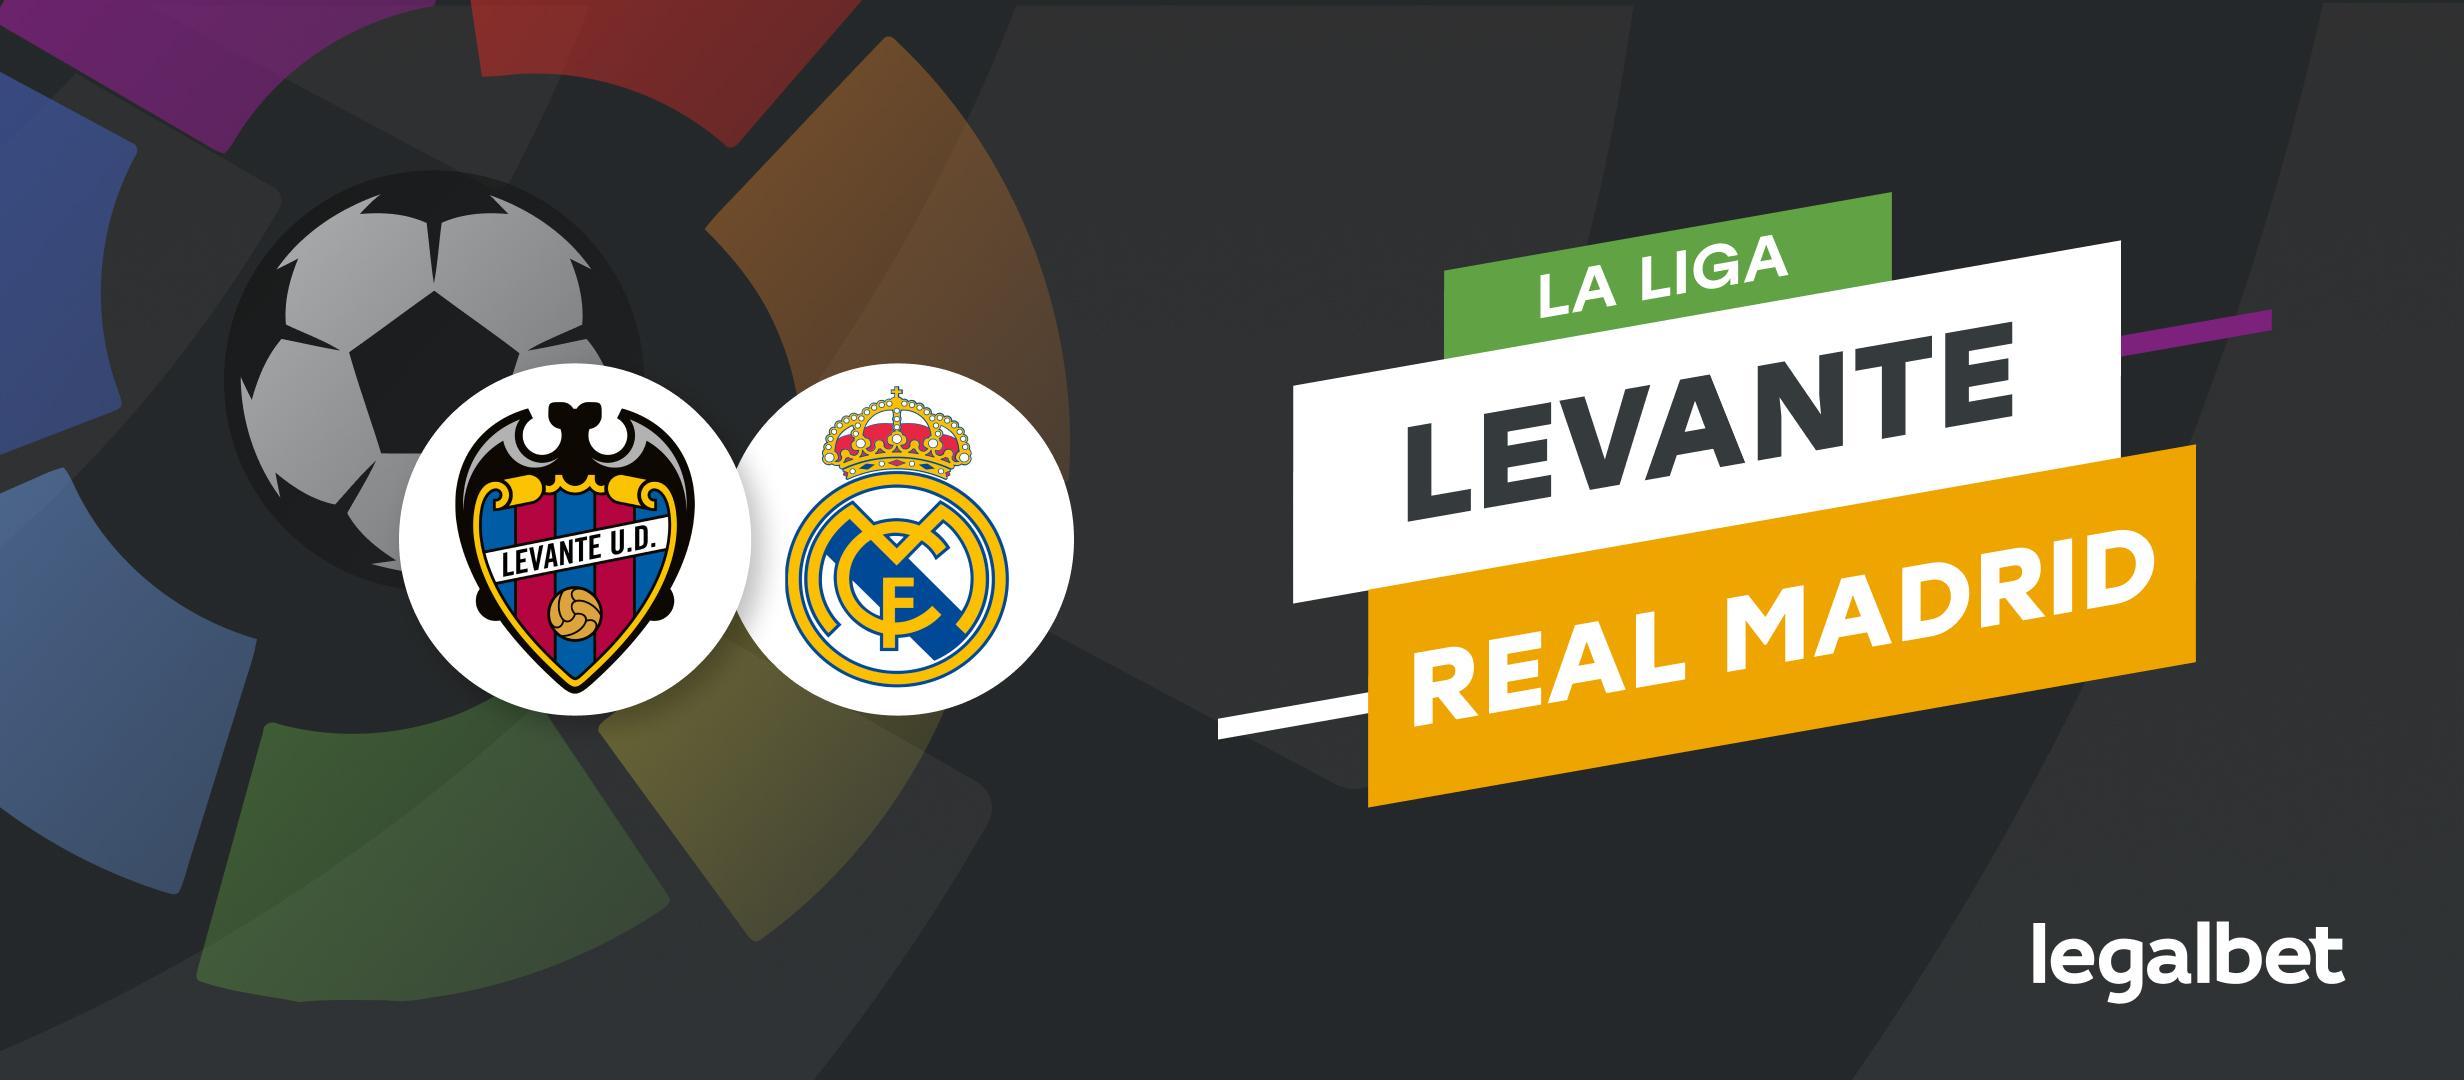 Apuestas y cuotas Levante - Real Madrid, La Liga 2021/22